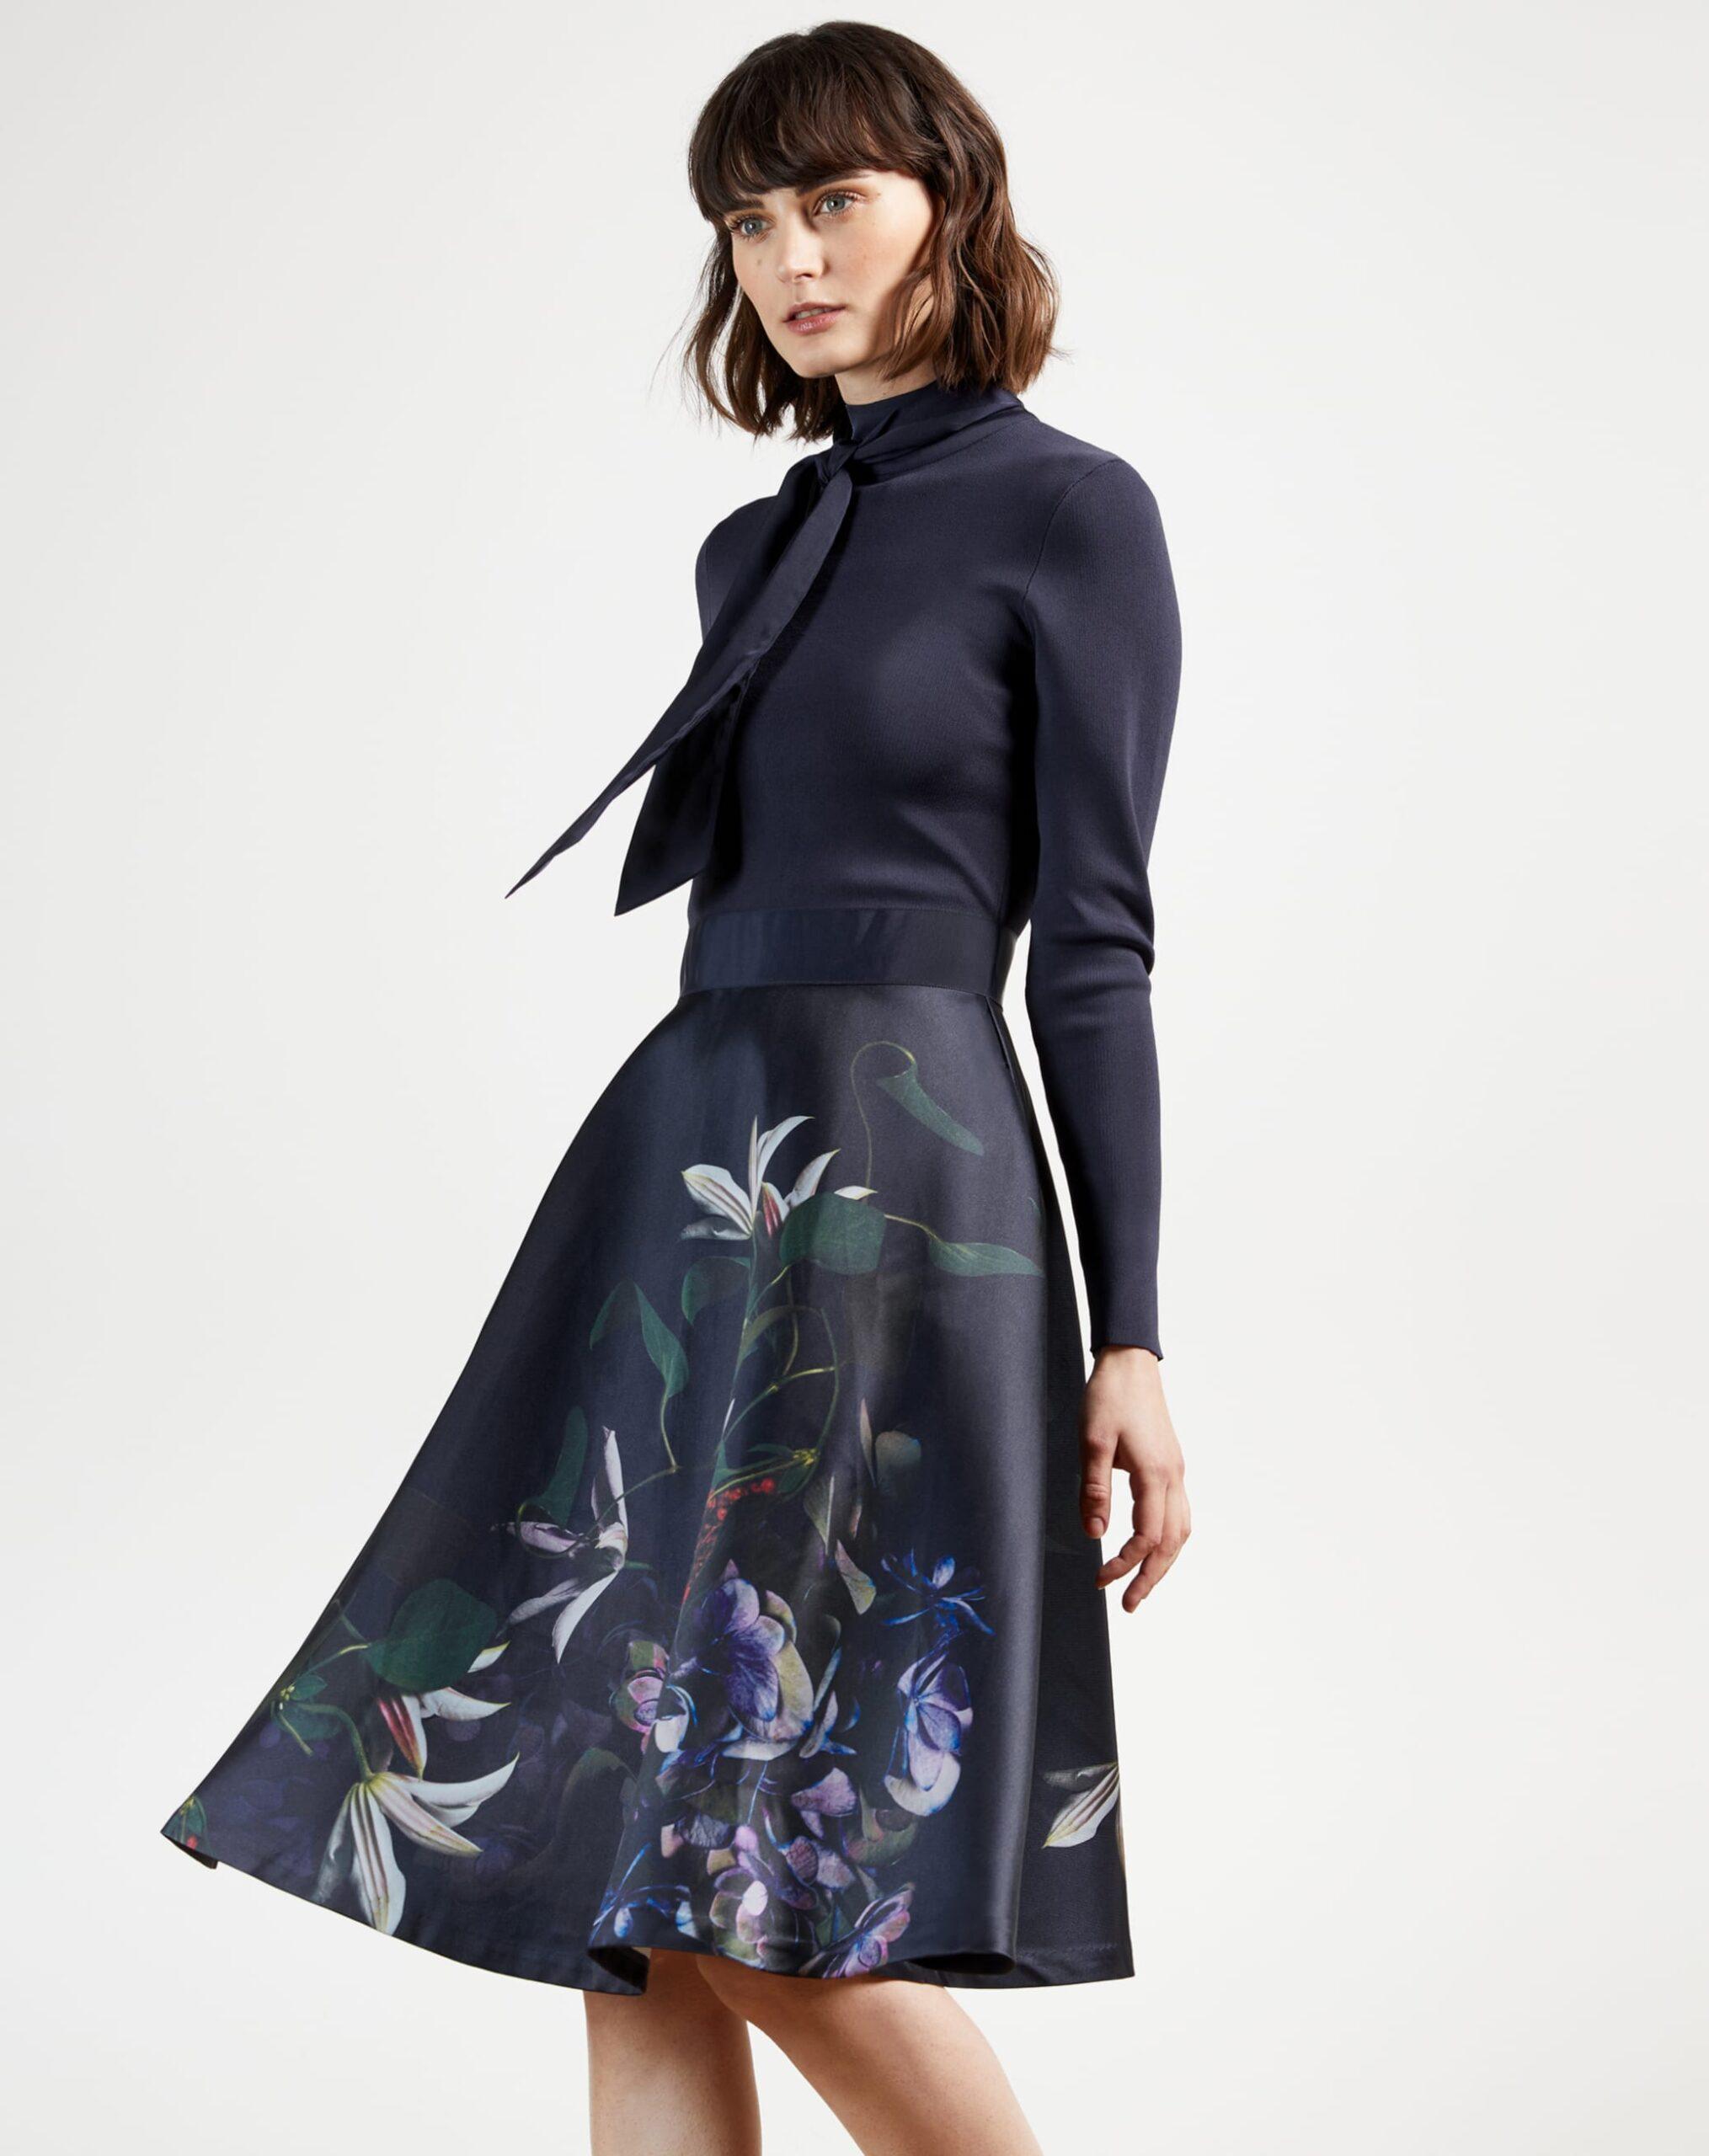 DOMINAA Pomegranate Full Skirt Dress £209 £90